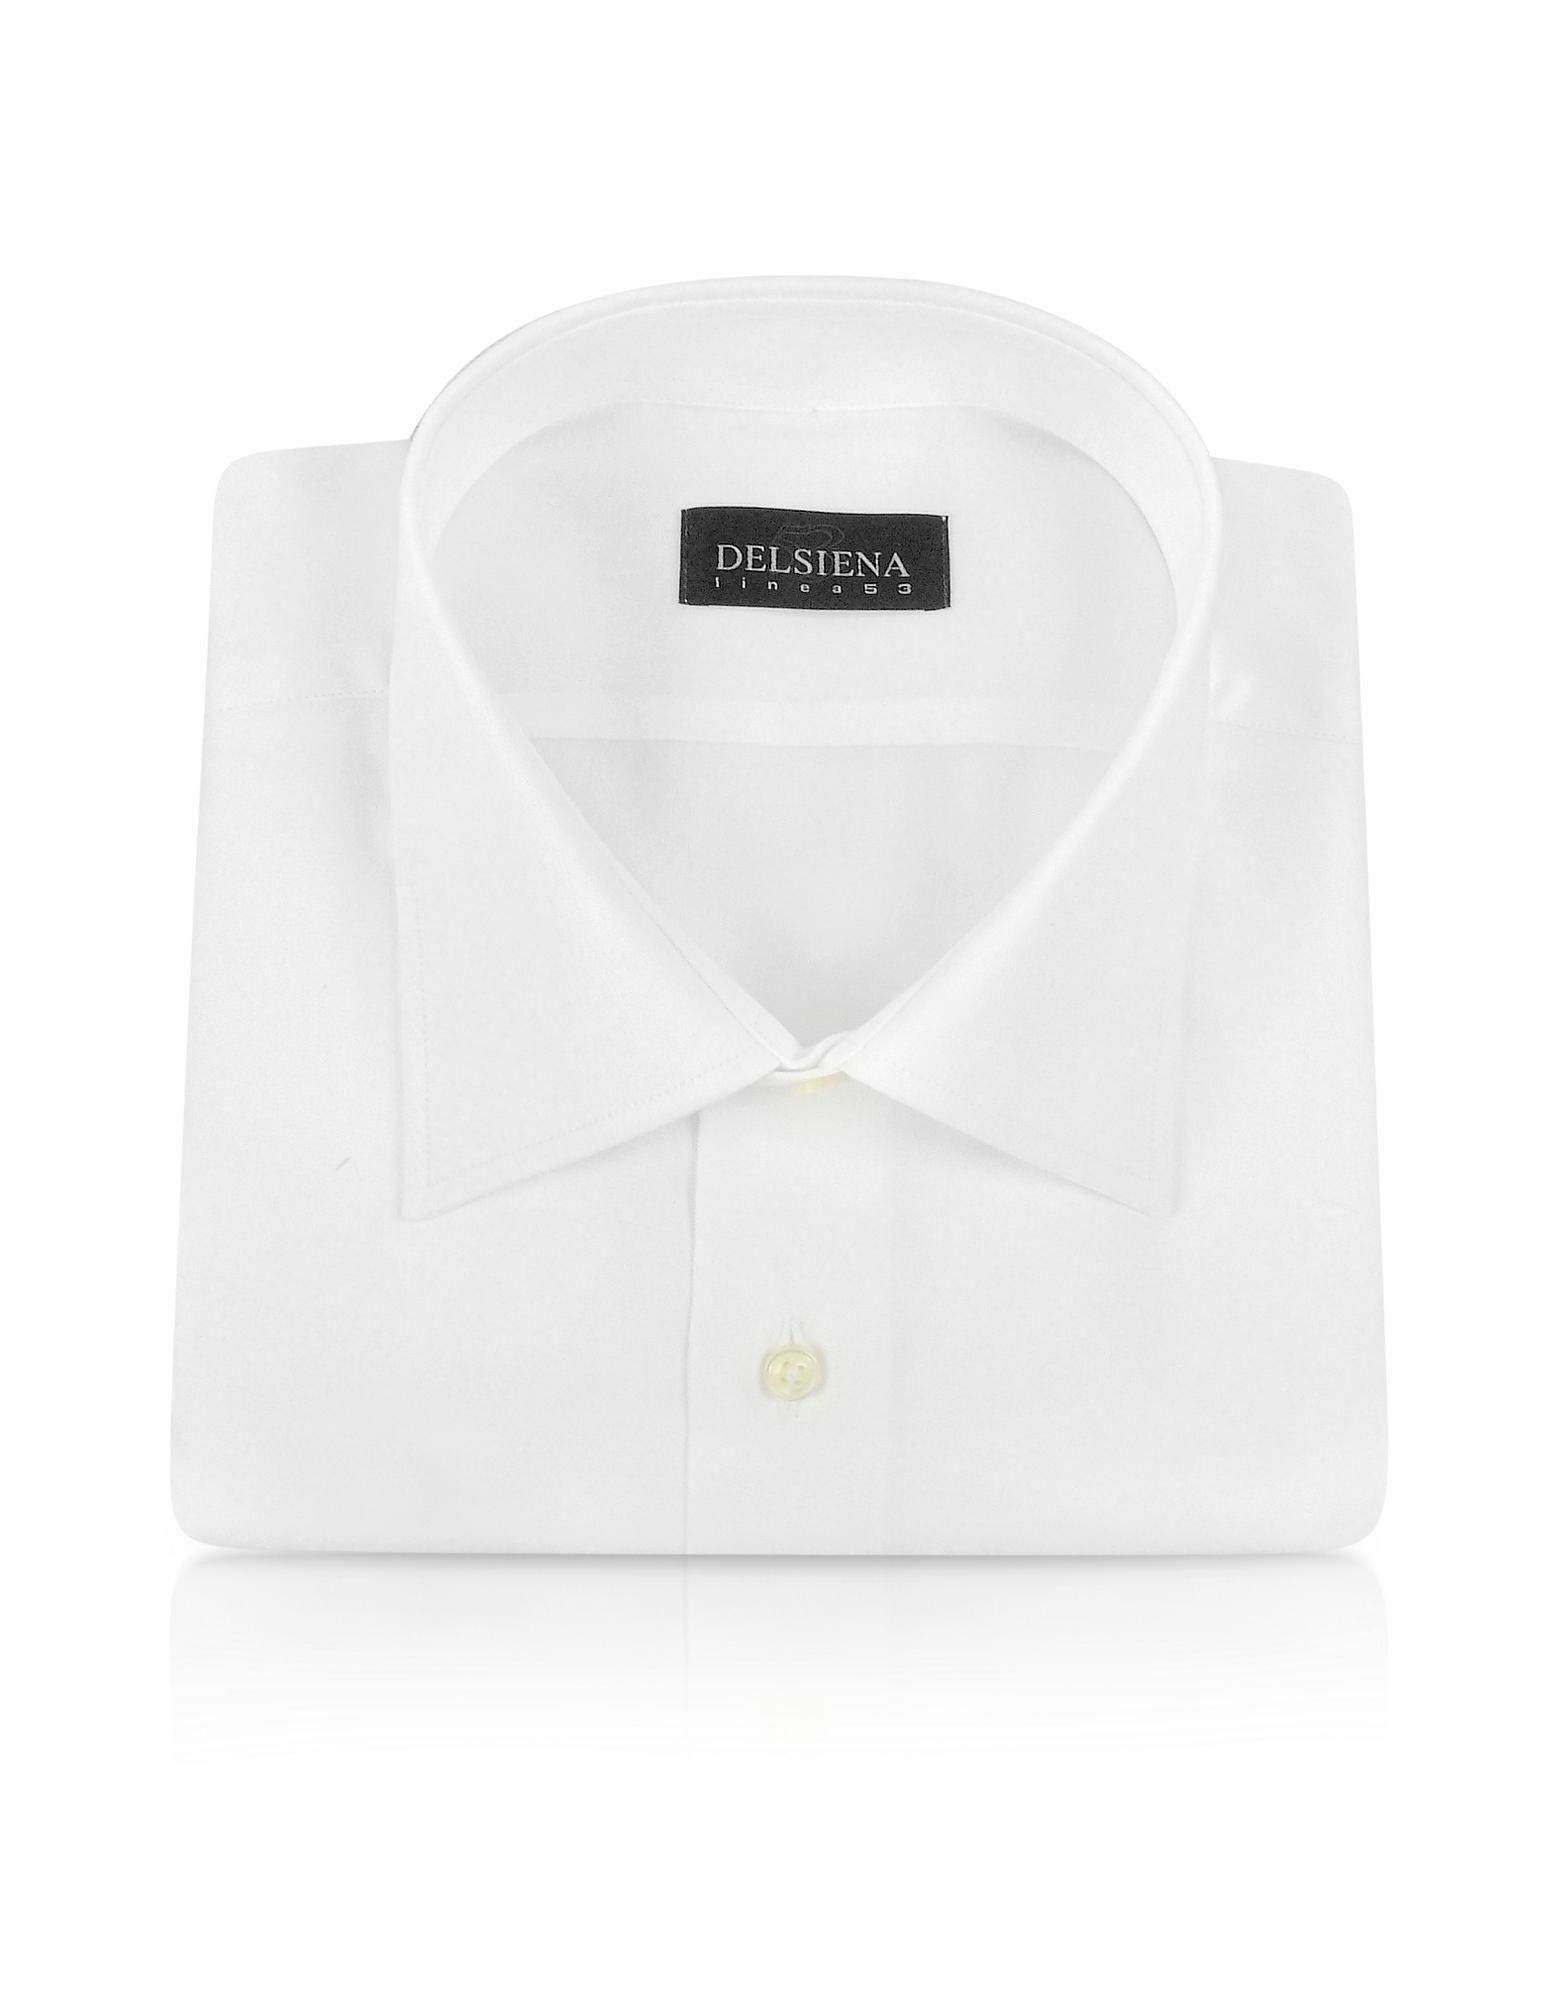 Del Siena Handgefertigtes Baumwollhemd in schlicht weiß